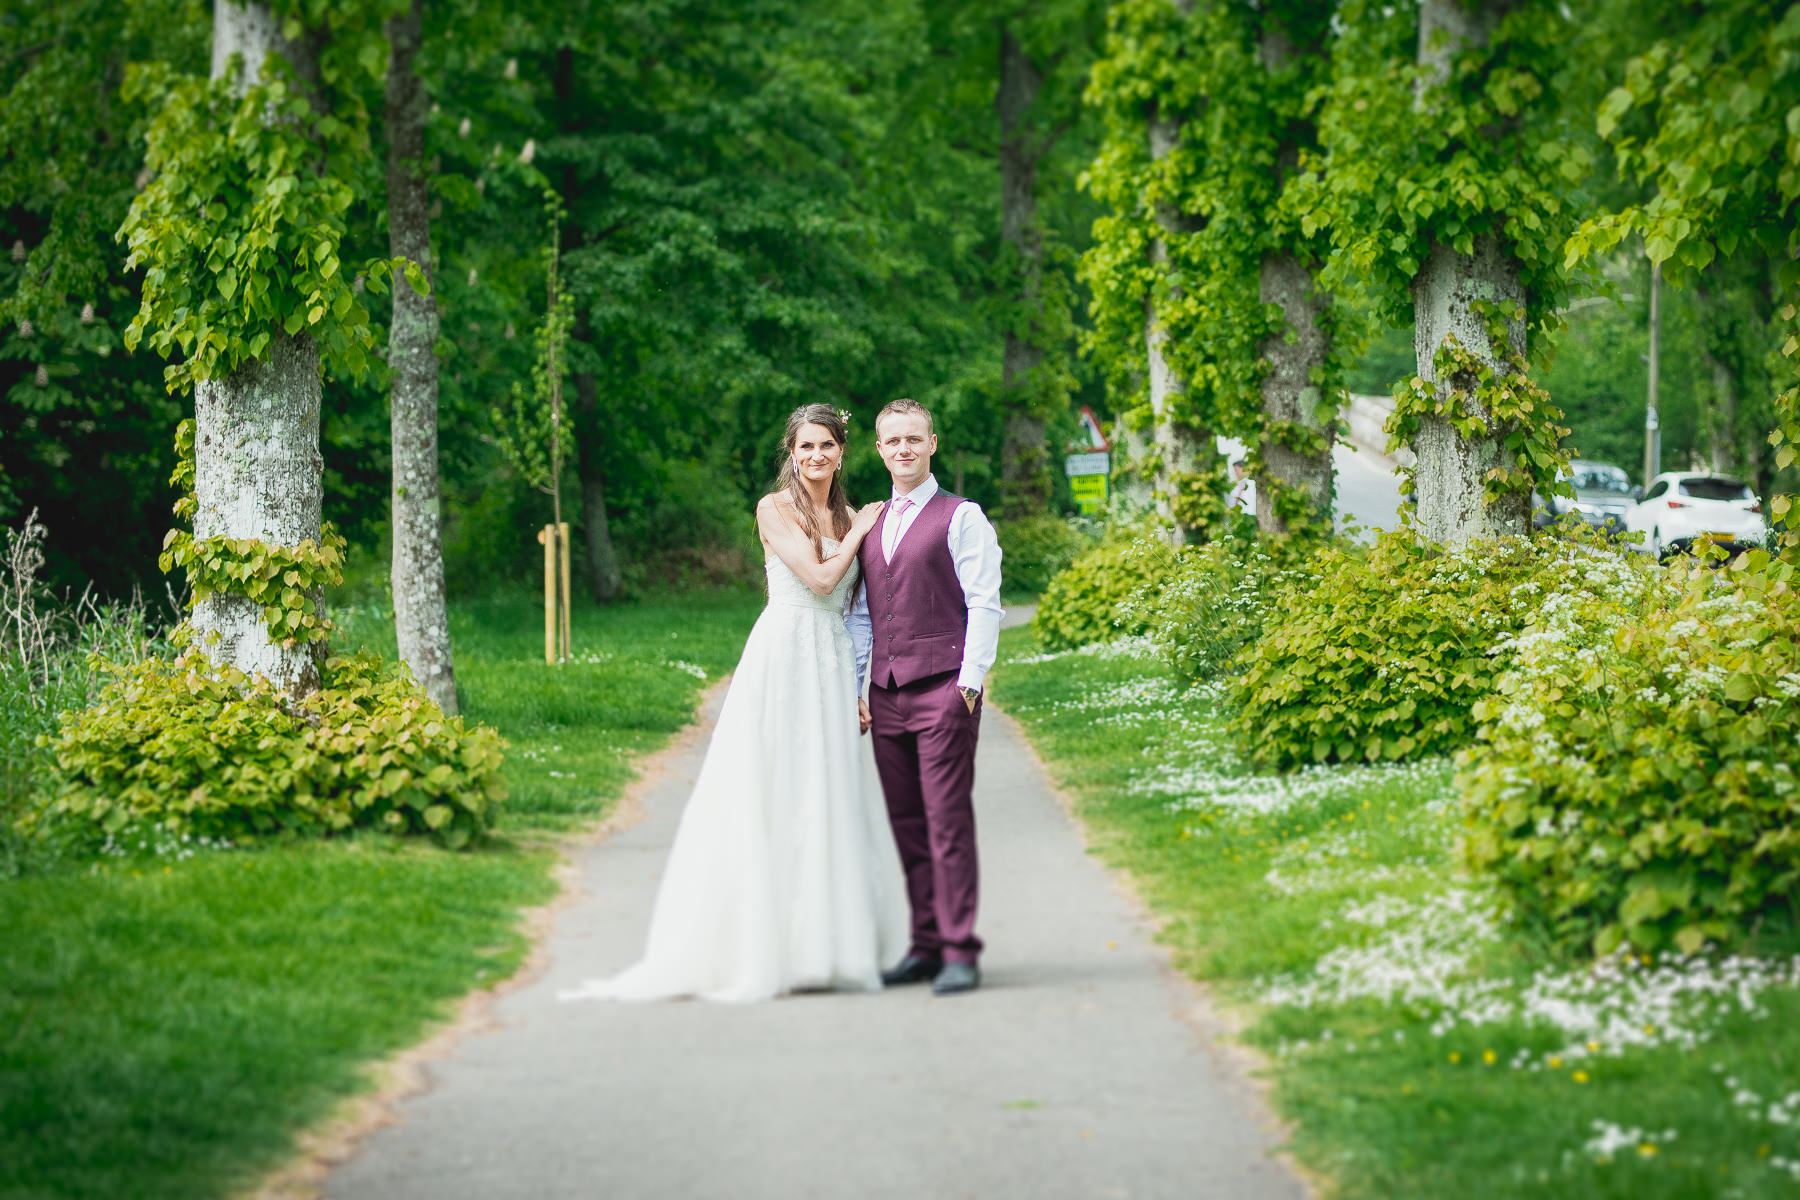 Dangira & Ignas Chichester Weddings VILCINSKAITE PHOTO 19.jpg